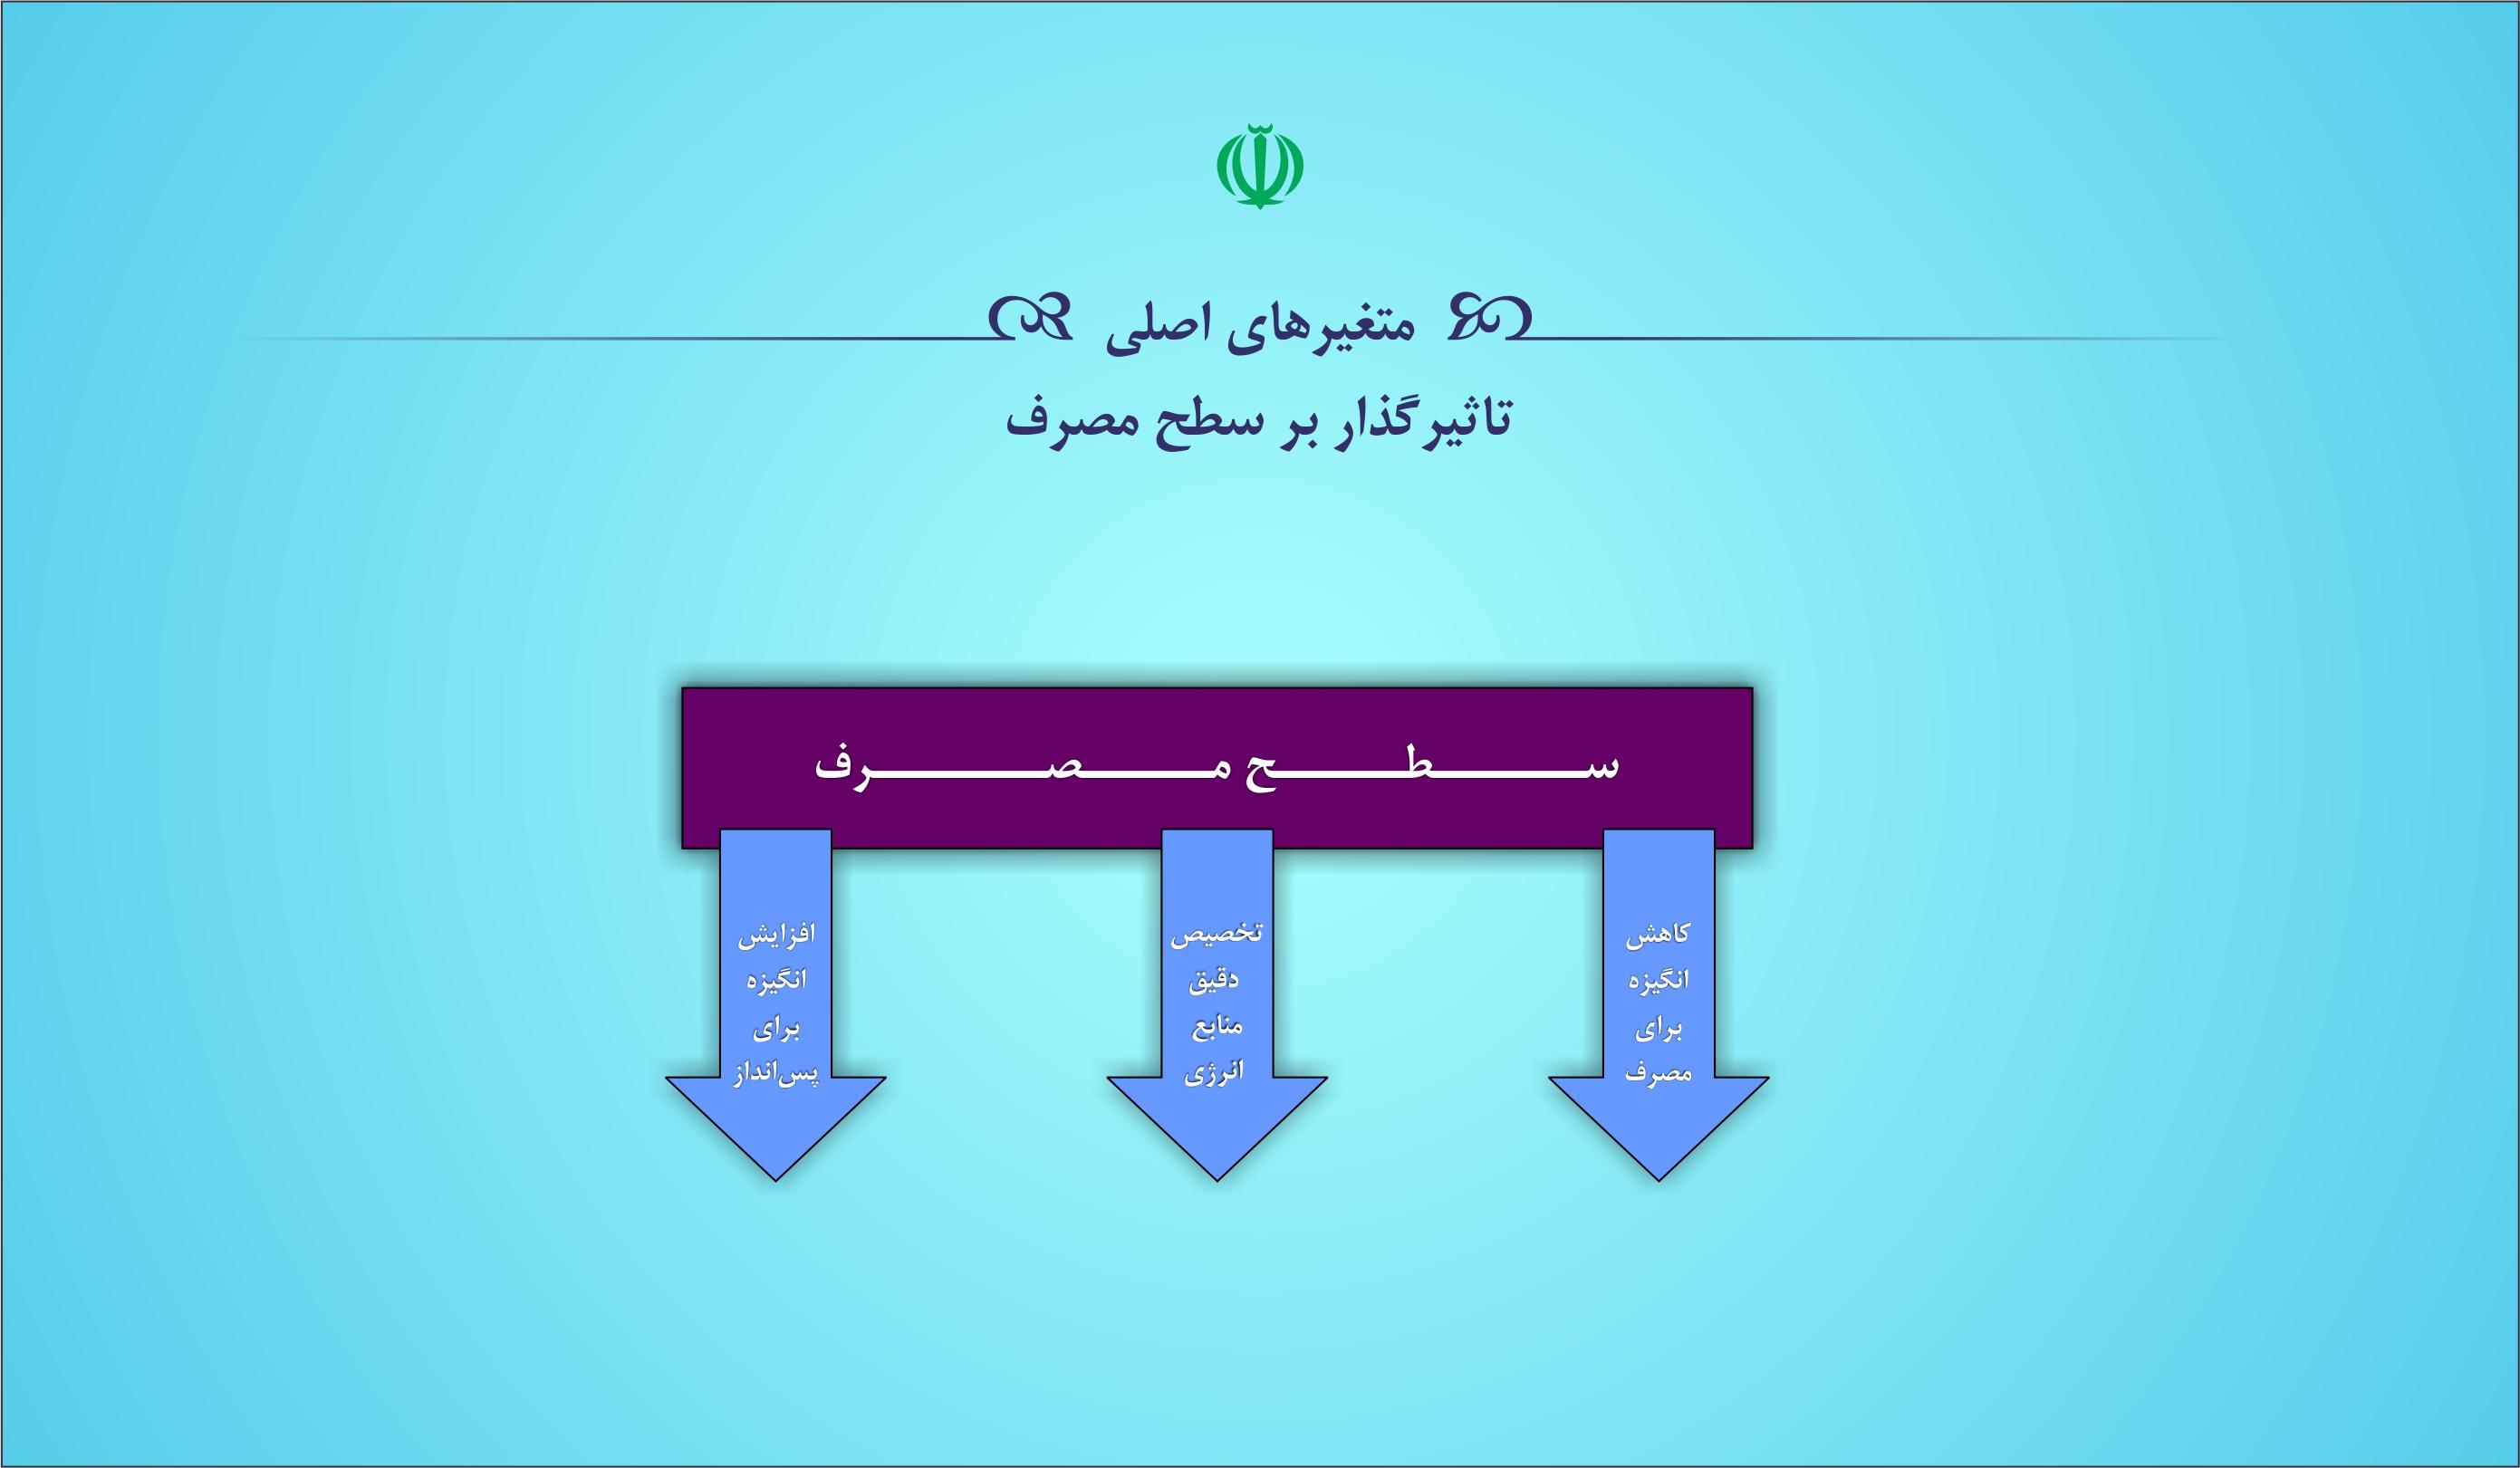 hadafmandi-04-03